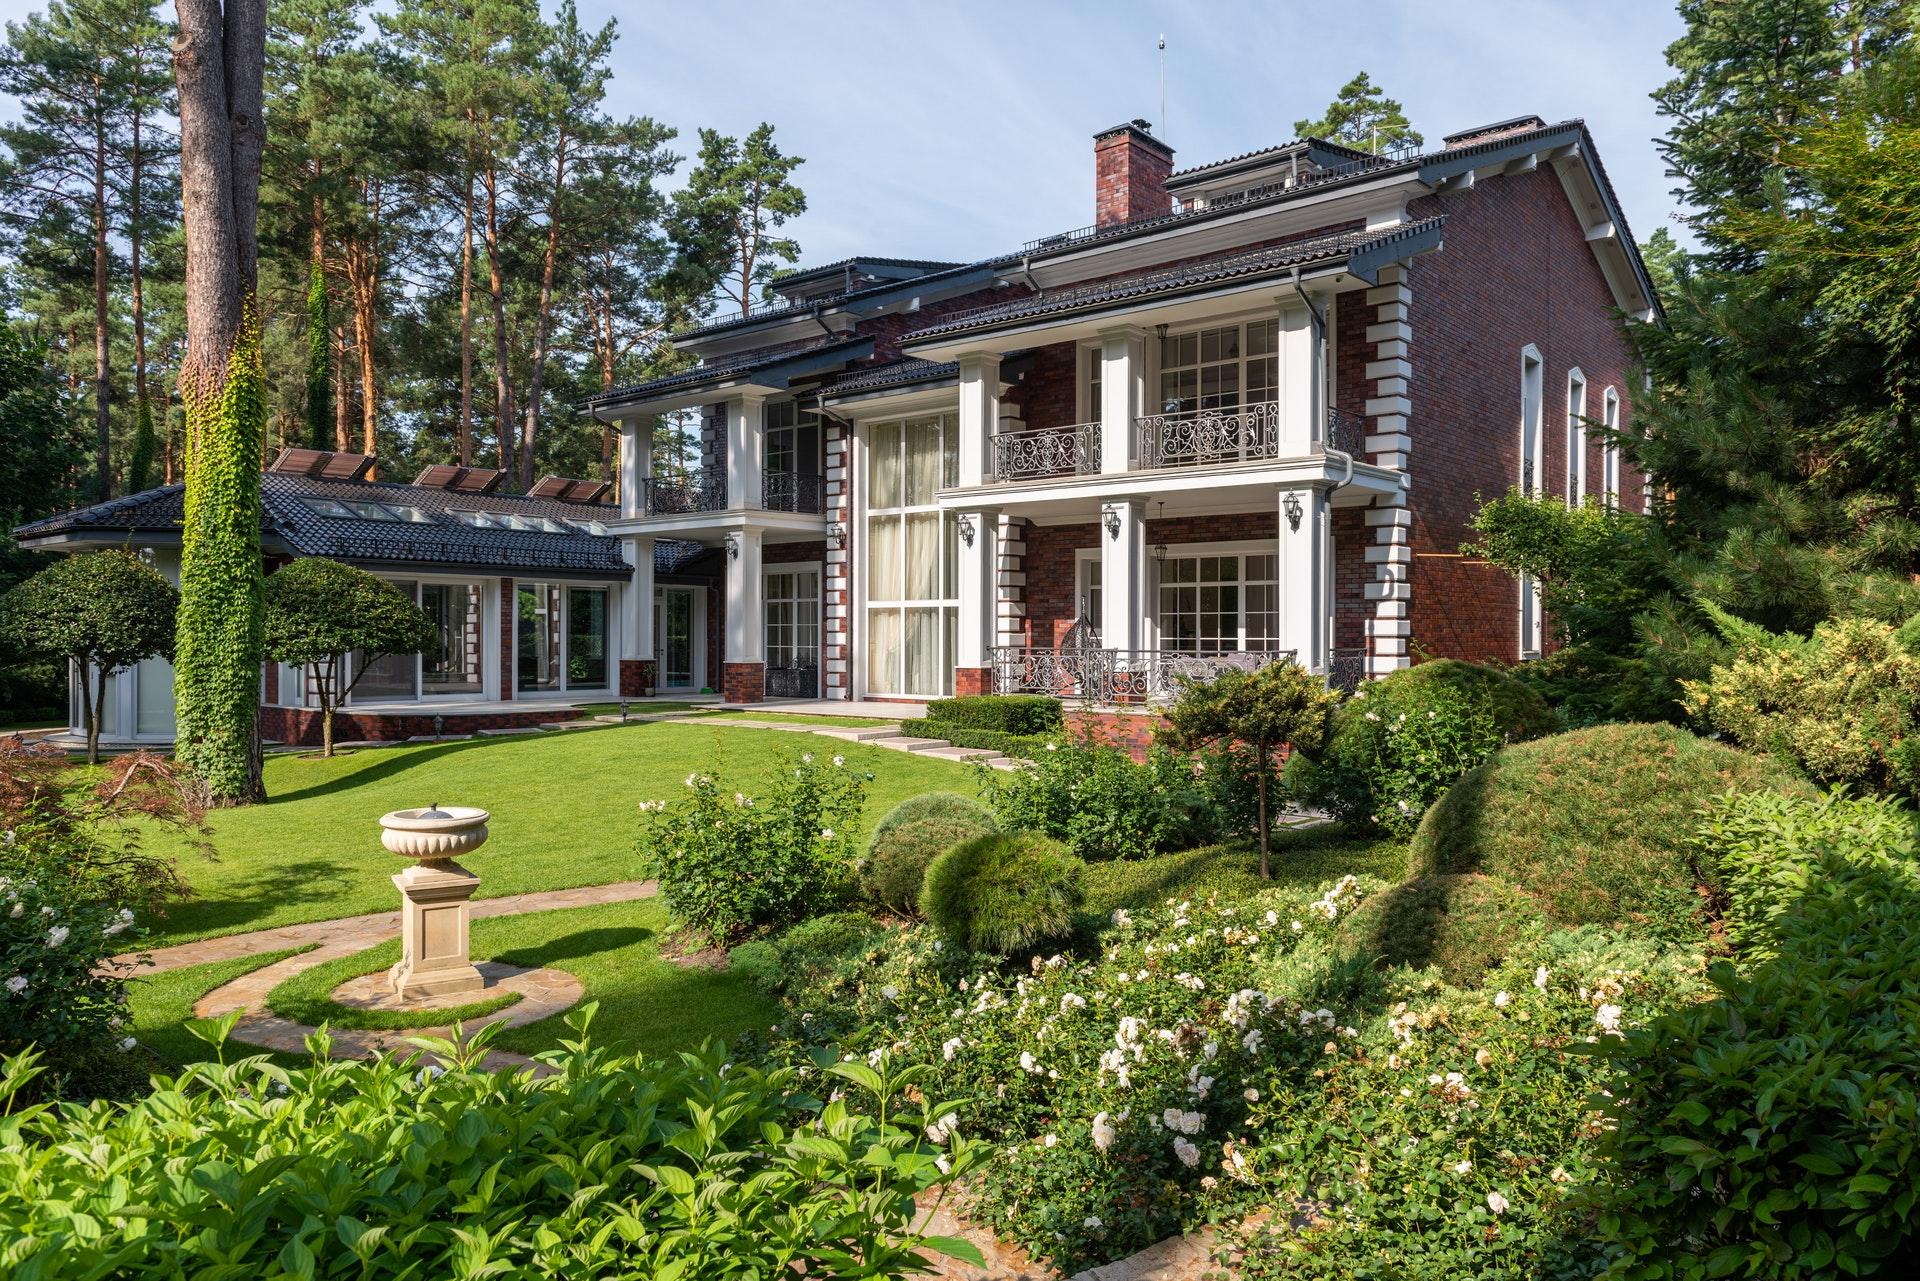 Imagem de um jardim e uma casa ao fundo. Imagem ilustrativa texto ideias de negócio.